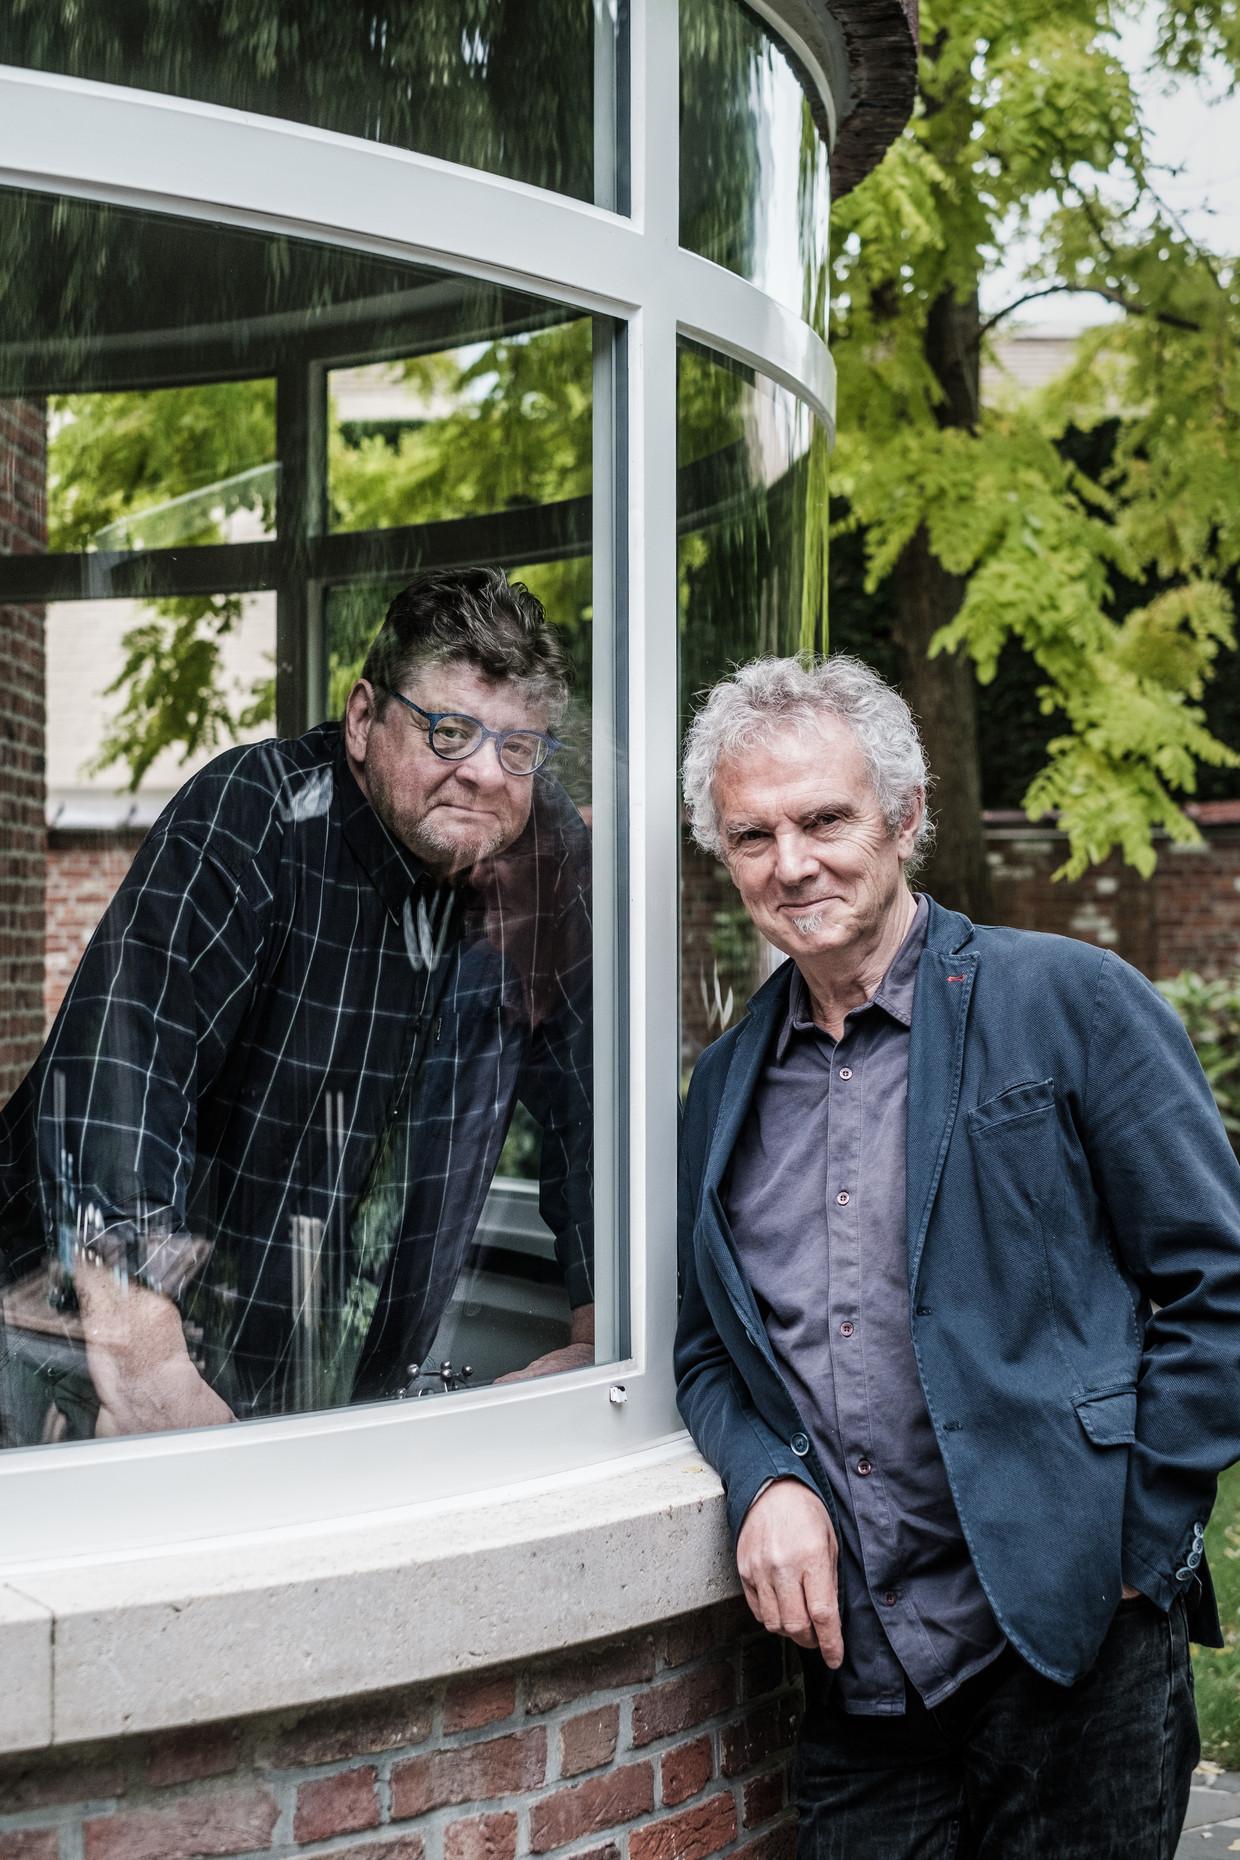 20200522 Turnhout Belgie, Louis Van Dievel en Jan Van Duppen. Louis Van Dievel brengt het boek uit 'De dokter is uw kameraad niet. Uit het leven van Guust Van Mol'. Ducufictie over het leven van Jan Van Duppen. Beeld Bob Van Mol